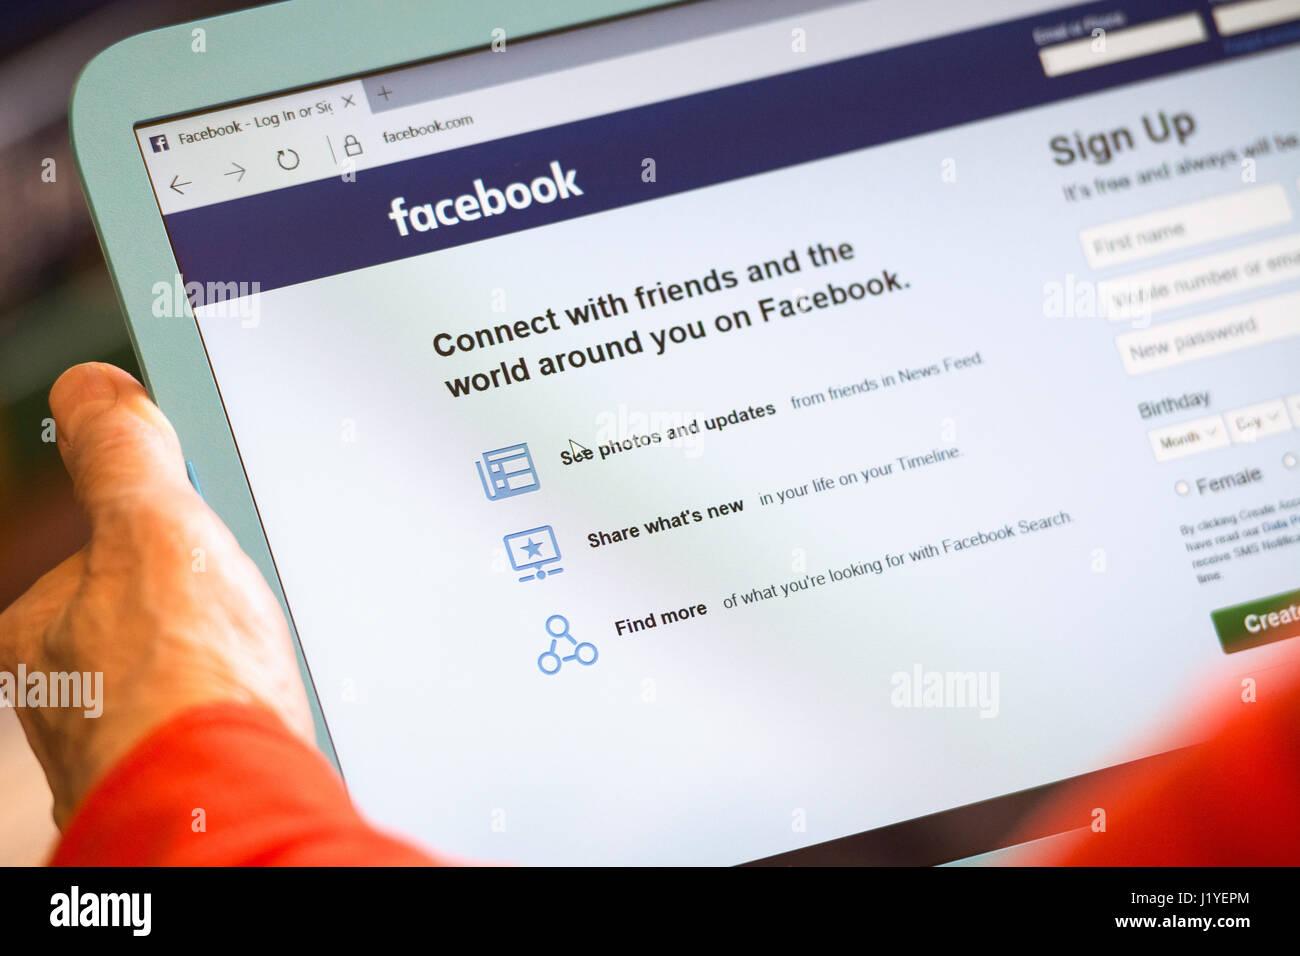 Pantalla de inicio de sesión de Facebook Regístrate Entrar en la página Web sceen Tablet monitor Imagen De Stock